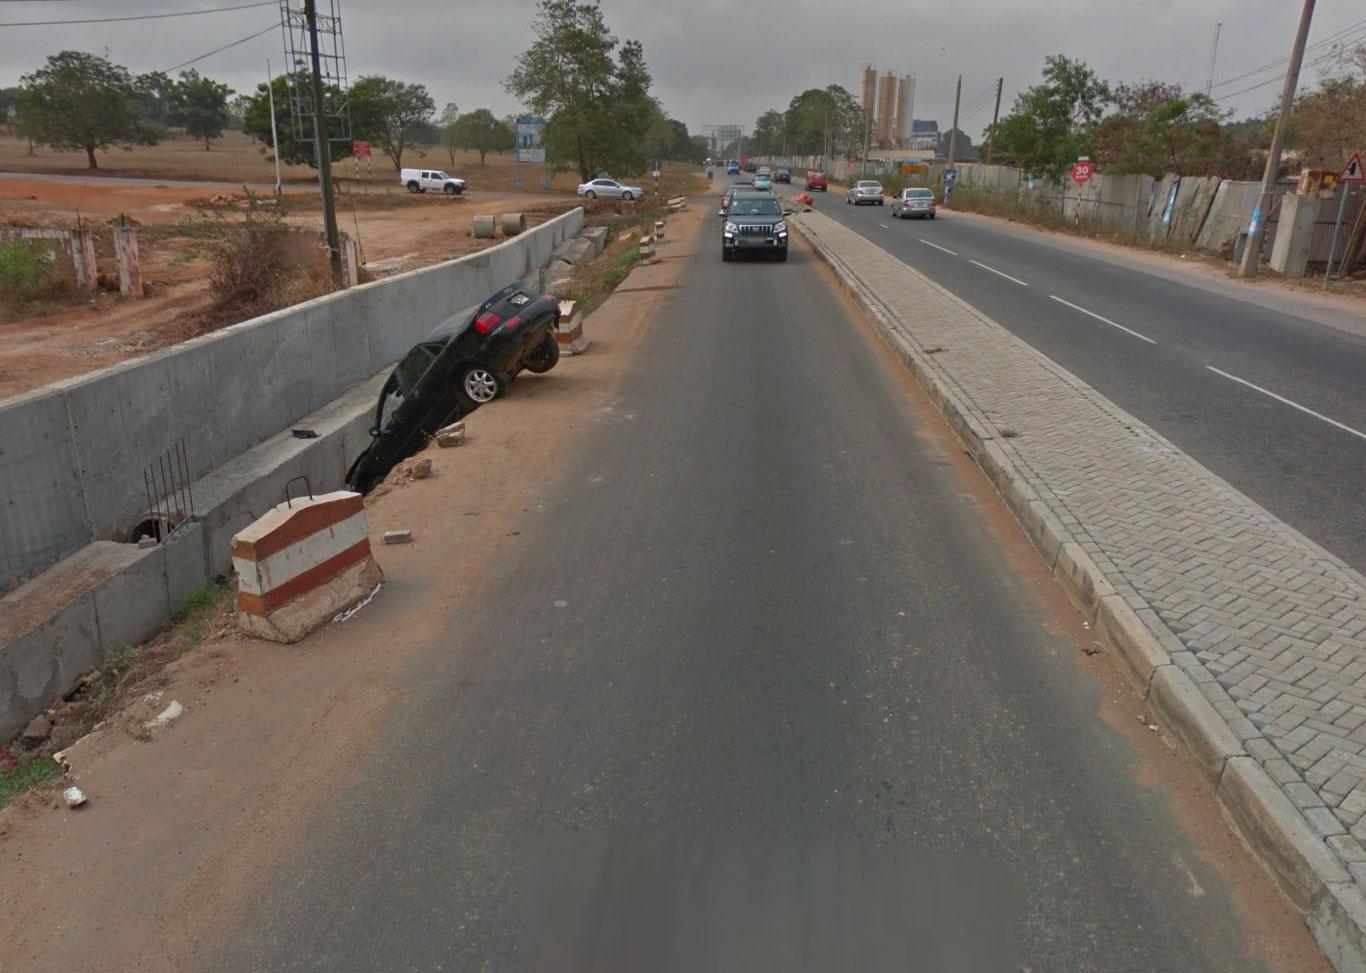 Il y a des jours avec et des jours sans, même sur Google Street View